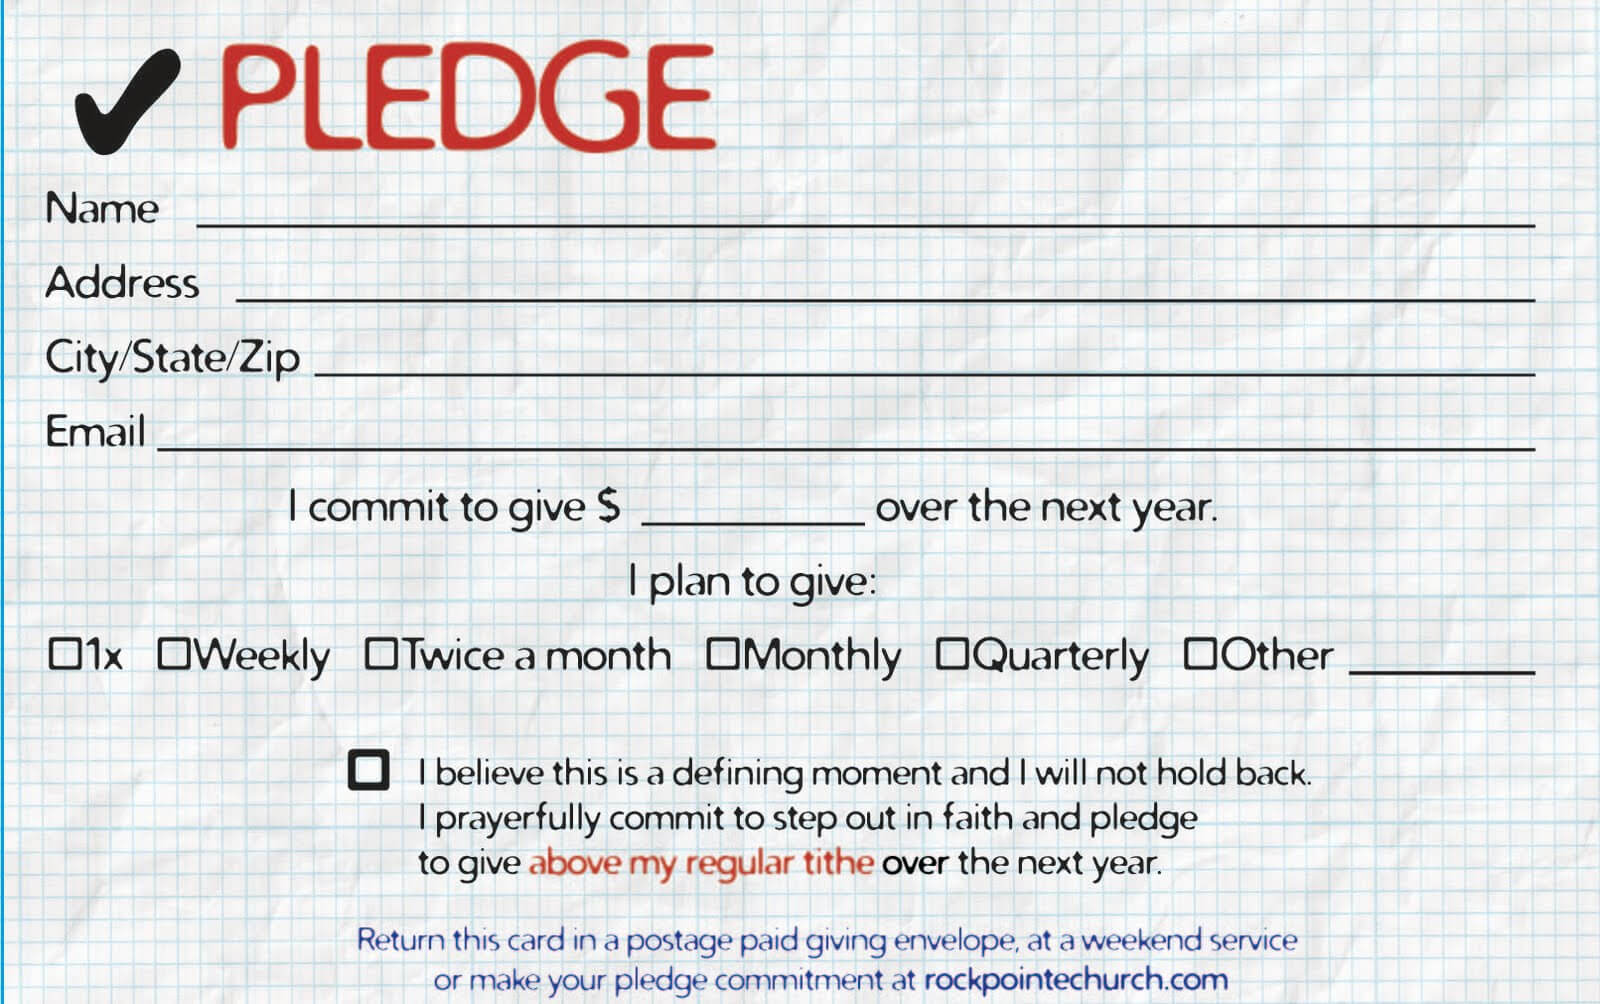 16518 Card Free Clipart - 22 Regarding Pledge Card Template For Church